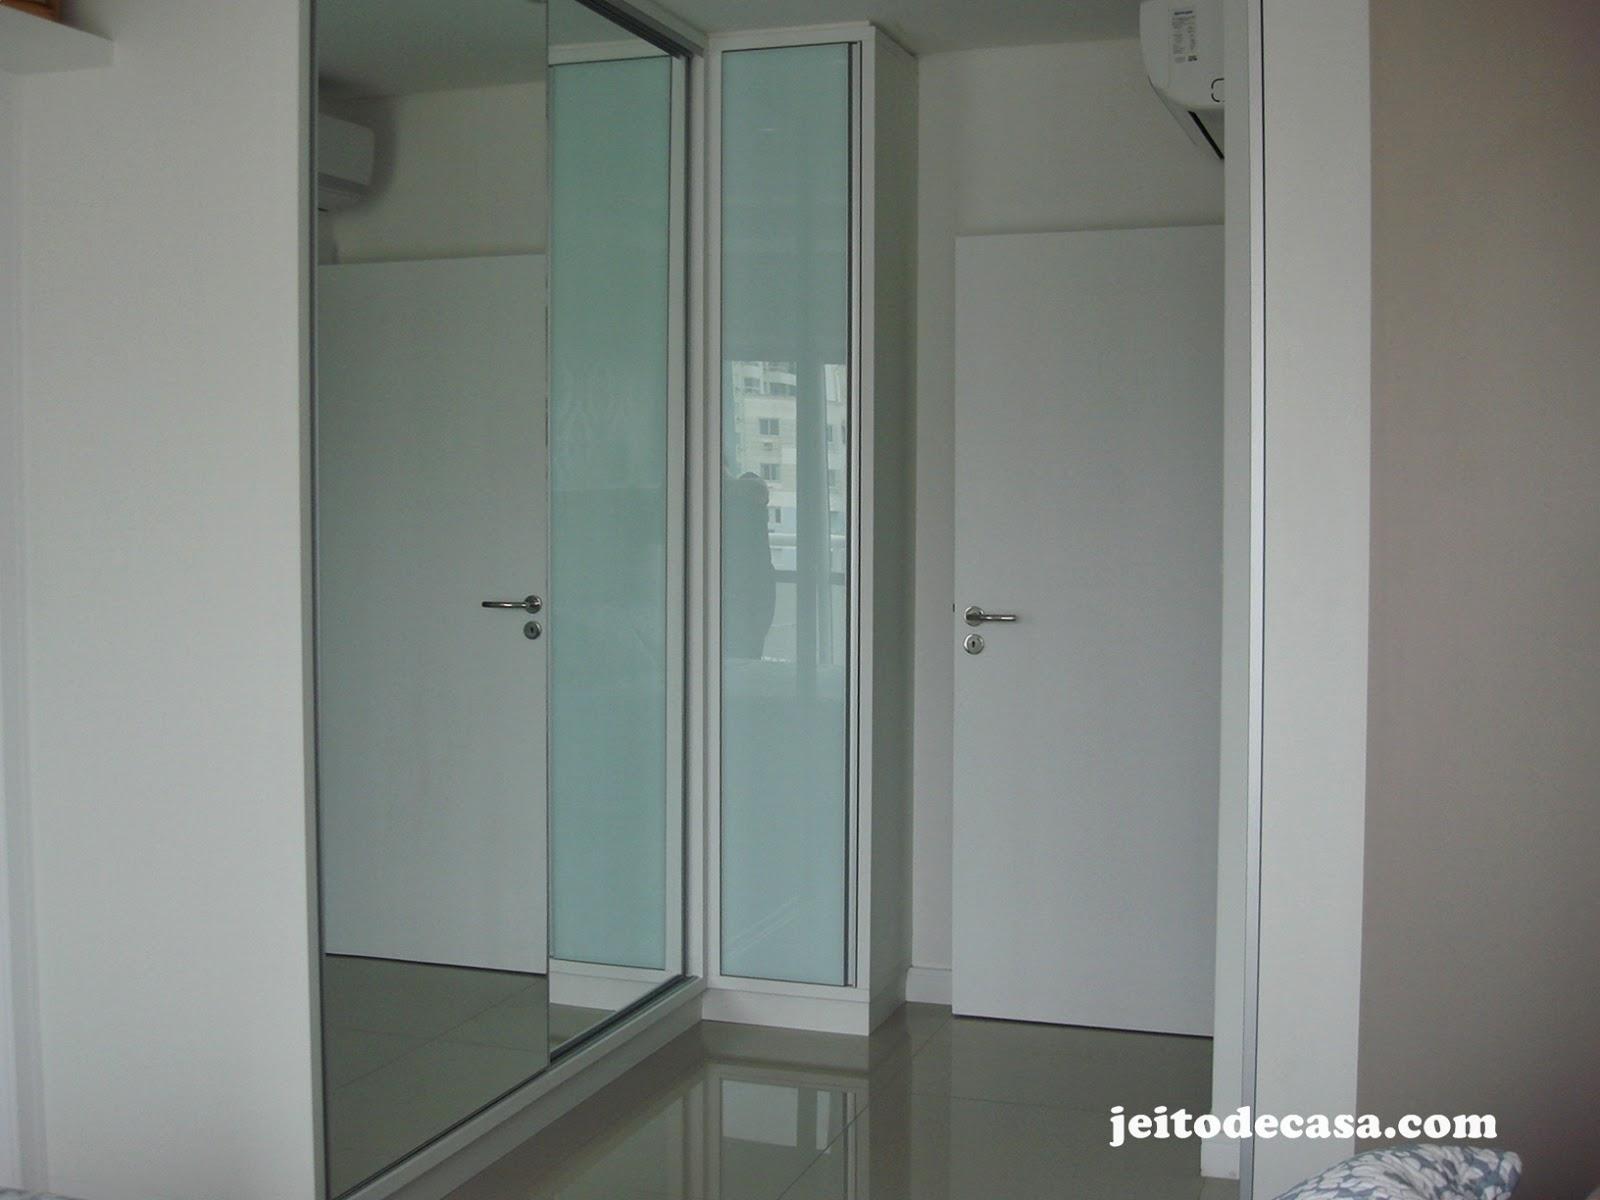 são de correr espelhada com uma pequena porta de vidro vidro de  #59514B 1600x1200